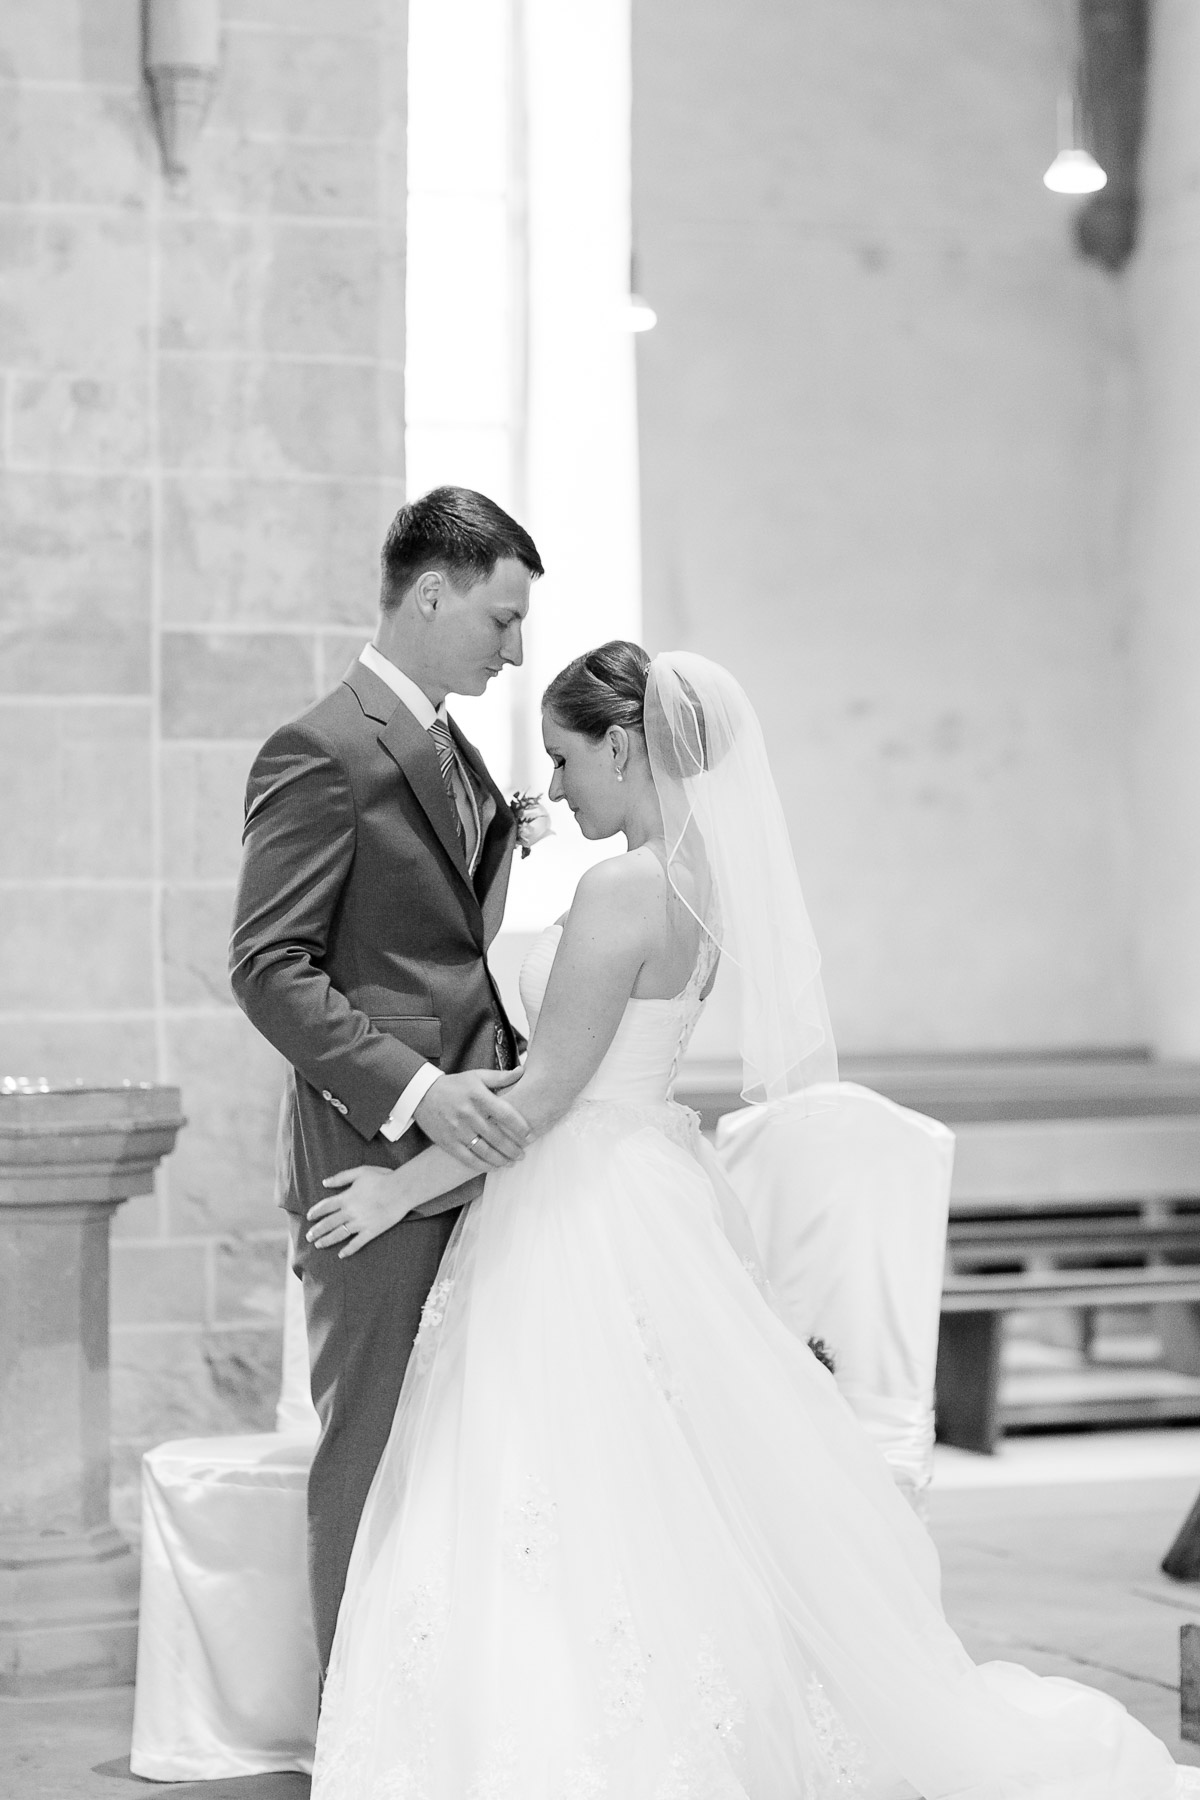 Hochzeitsfotograf-Herford-05-15-22